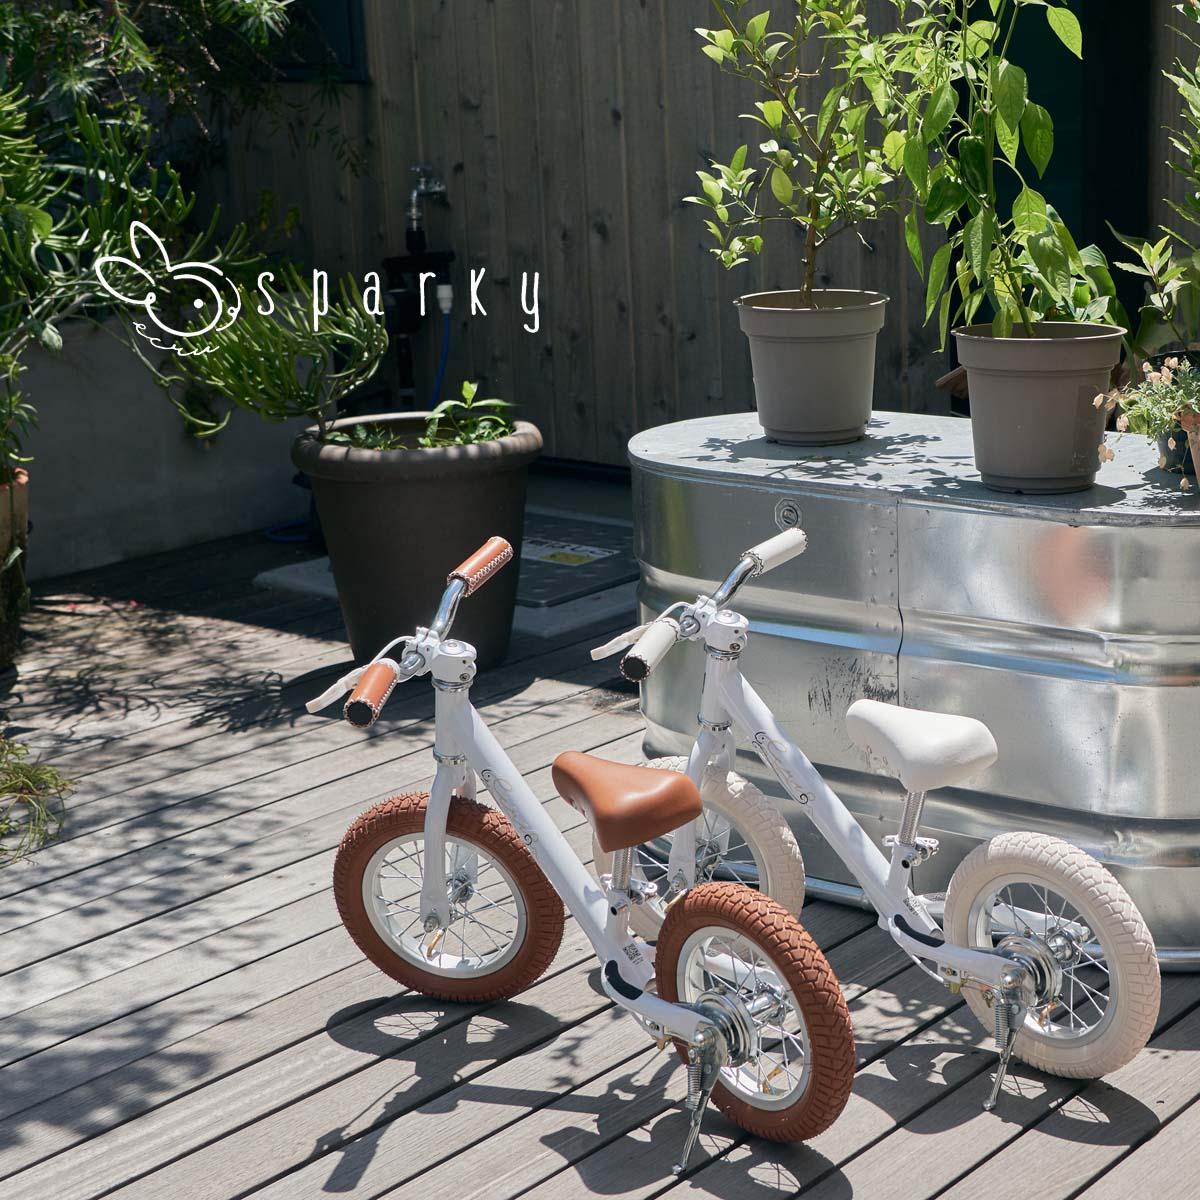 キックスタンド標準装備 ブレーキ付ゴムタイヤ装備 ペダルなし自転車 キッズバイク 2歳 1歳 3歳 子供 バランスバイク キックバイク SPARKY かわいい おしゃれ 価格 交渉 送料無料 スパーキー ecruがかわいい iimo ecru 組立 整備済 受注生産品